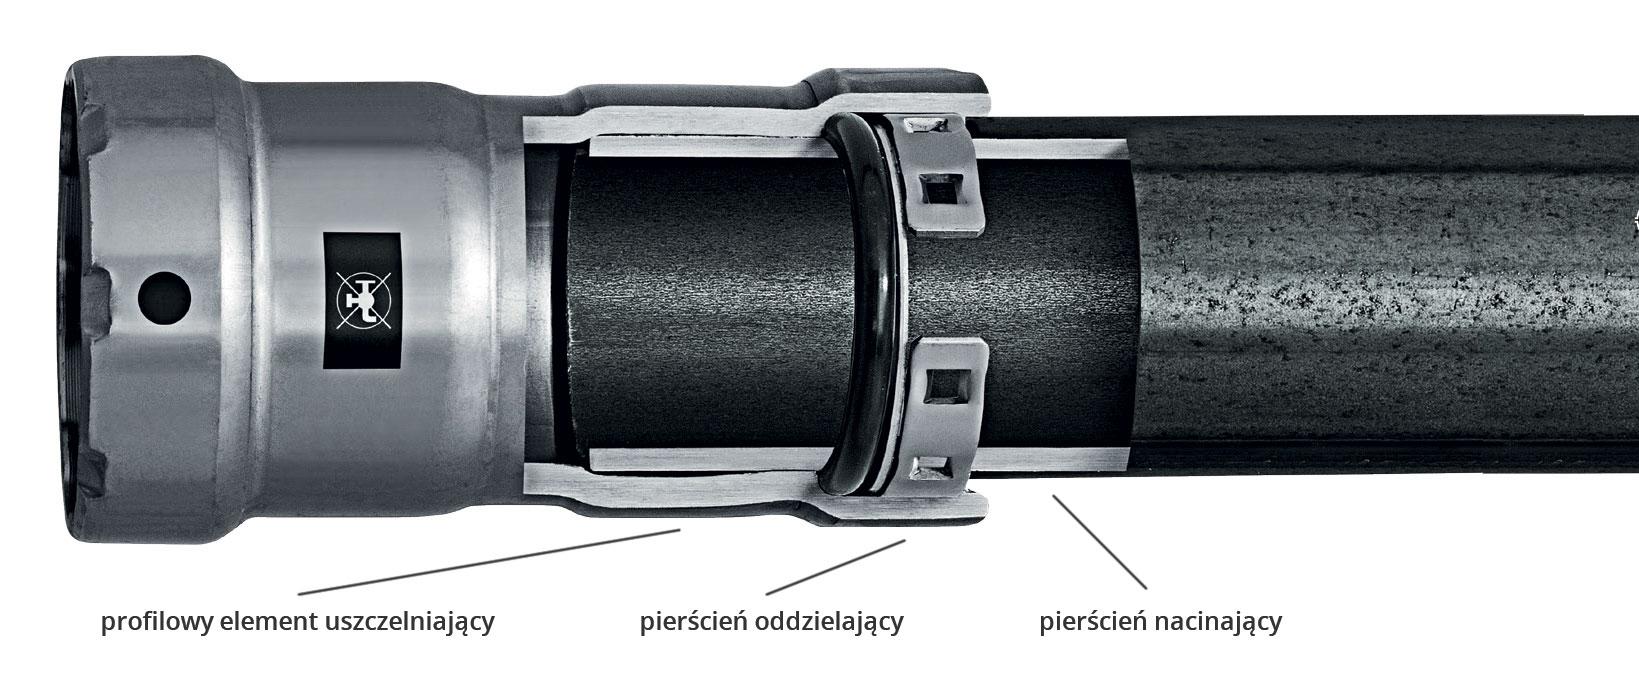 podwojne bezpieczenstwo polaczen zaprasowywanych viega kontur v3 - Podwójne bezpieczeństwo połączeń zaprasowywanych - Viega Kontur V